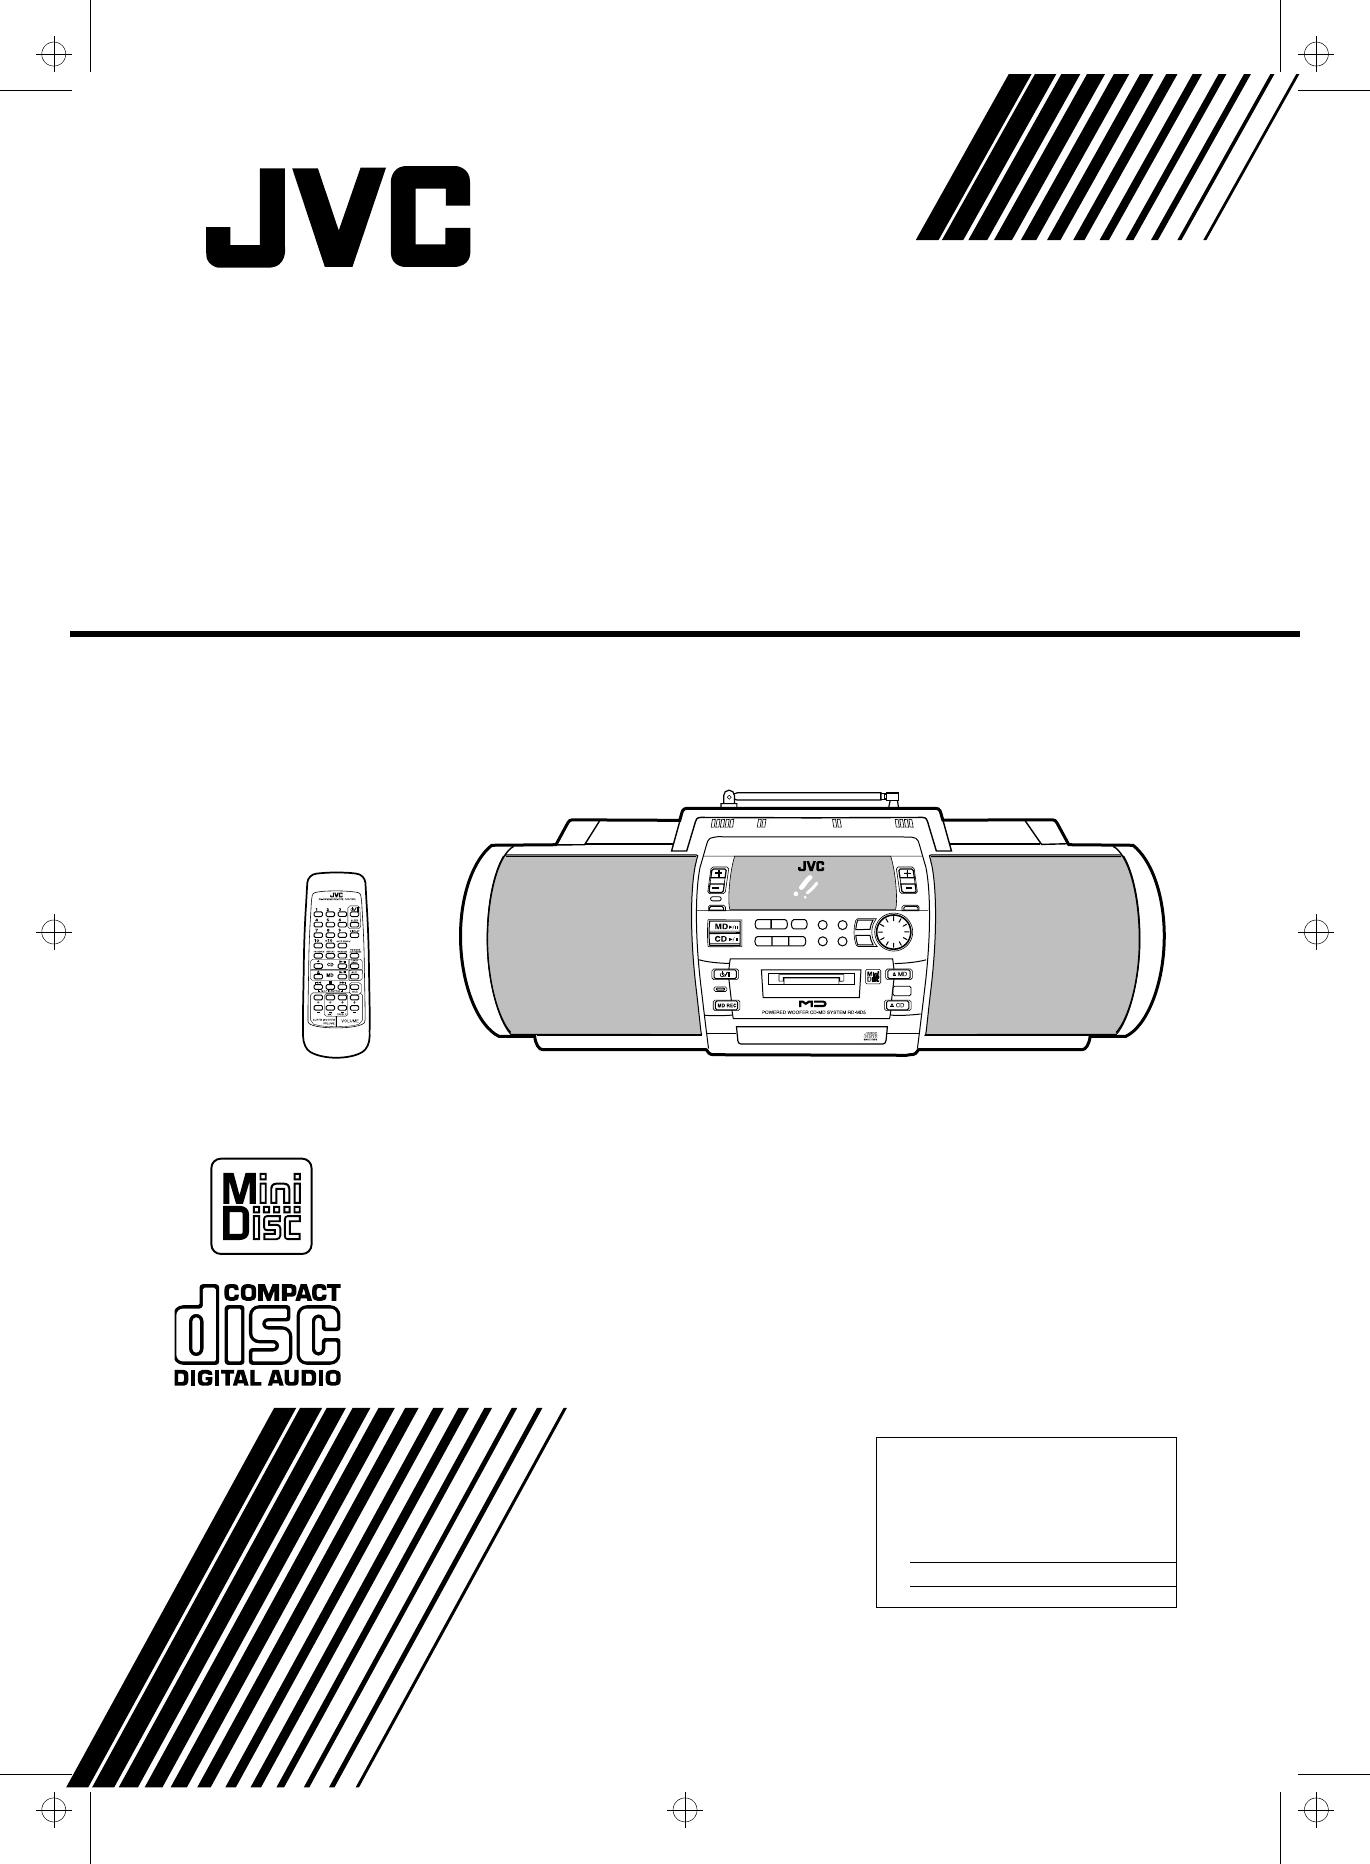 JVC RD-MD5 manual